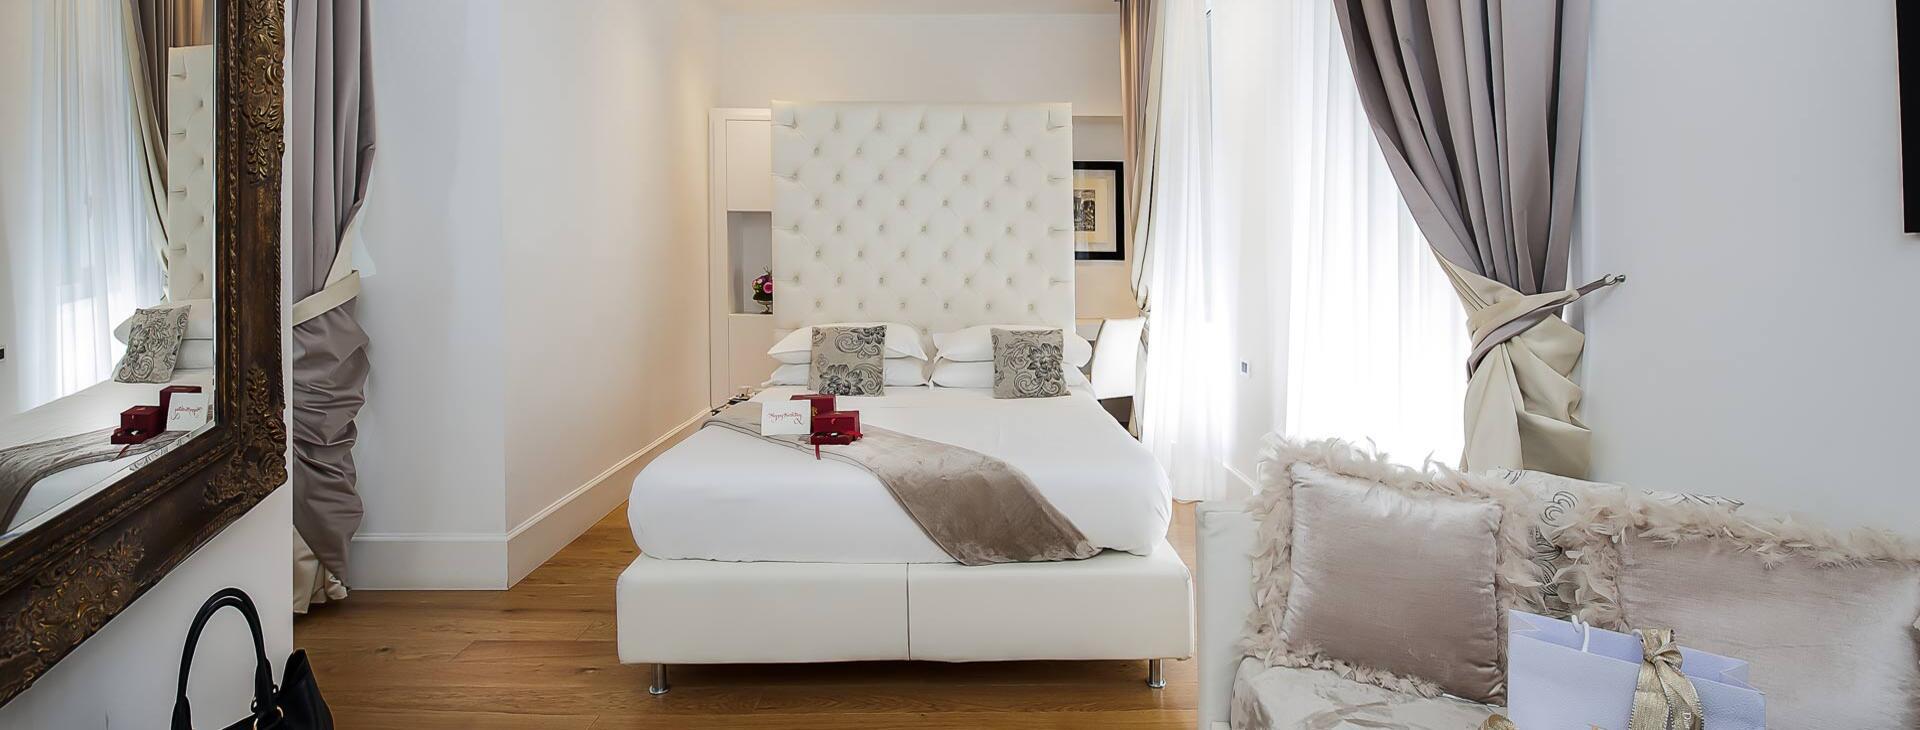 argentinastylehotel it suite-deluxe 001